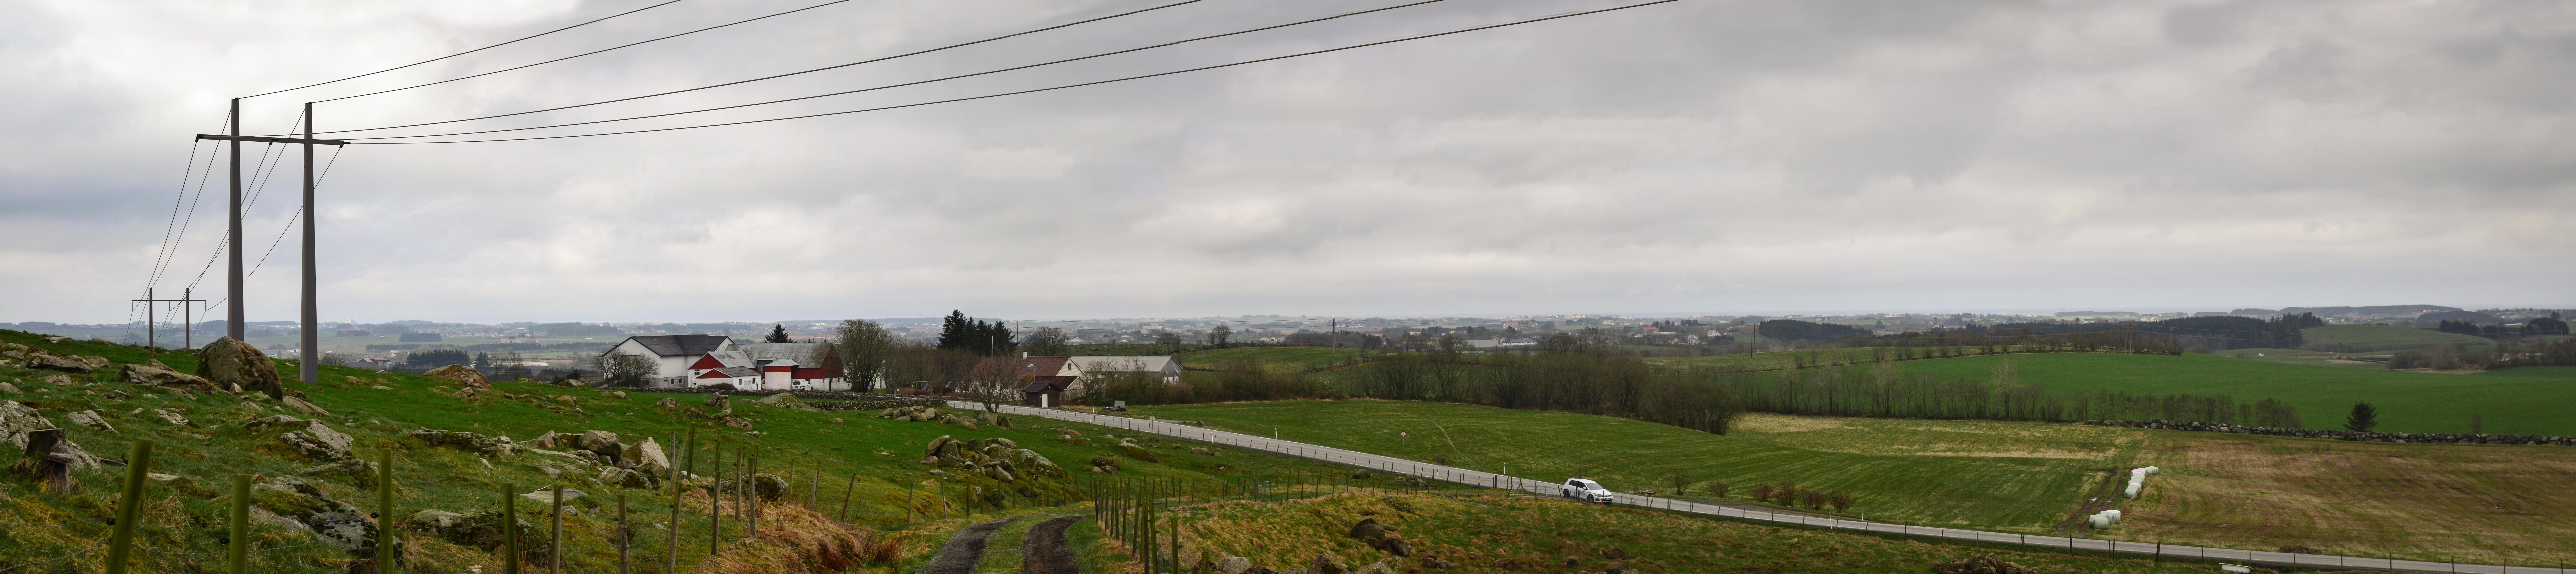 Visualisering viser hvordan ny kraftlinje kan gå over et landbruksområde på Jæren